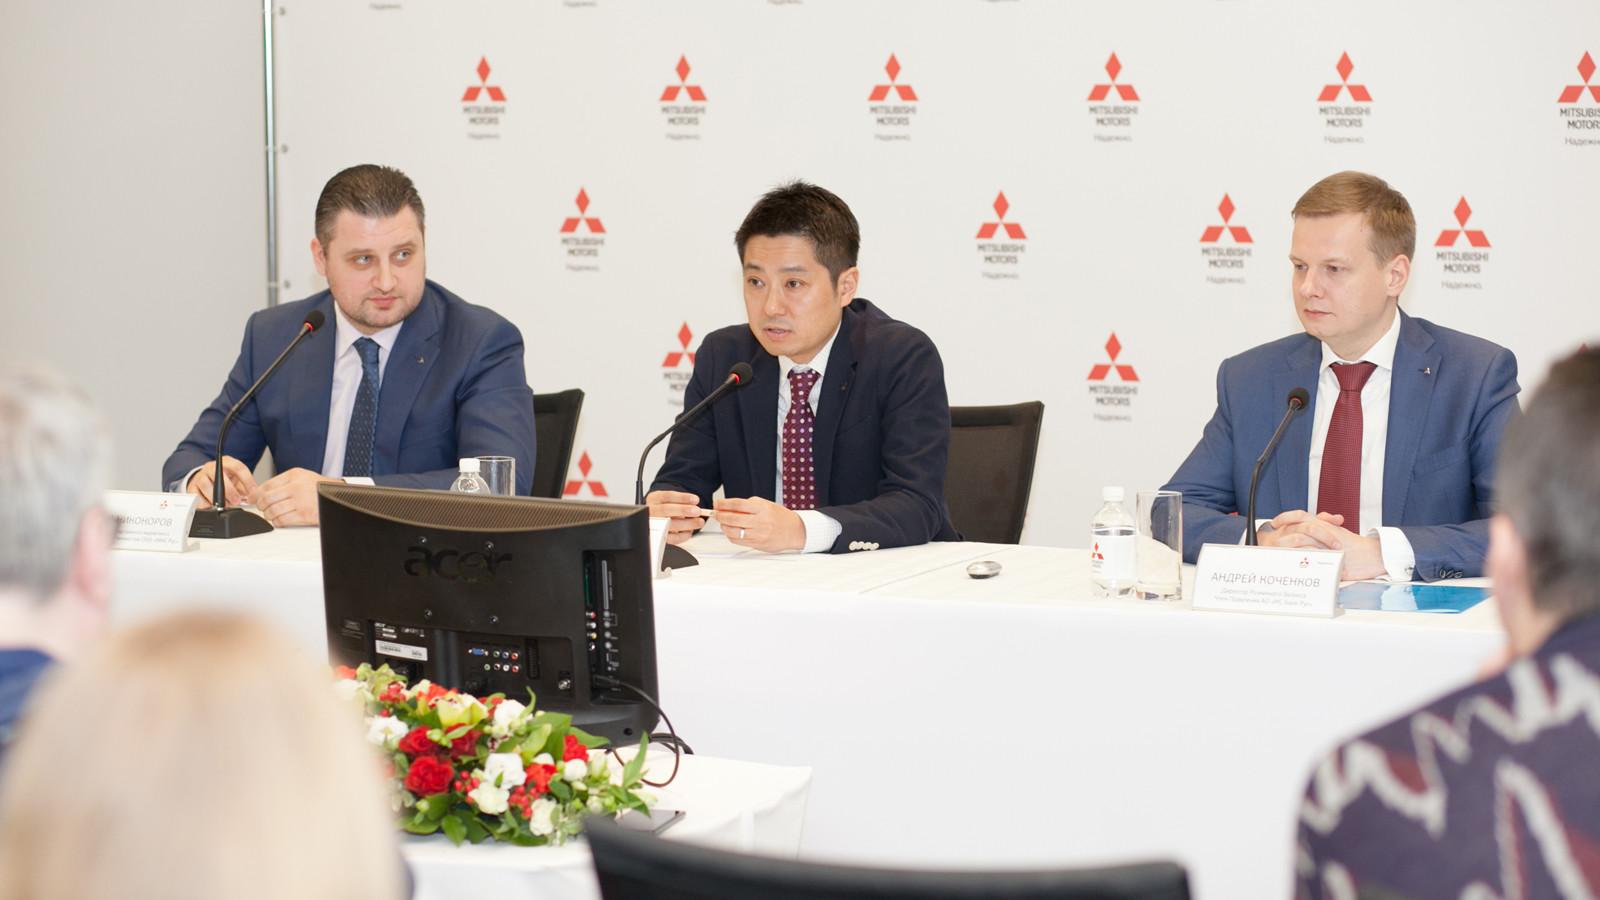 Митцубиси привезет в Российскую Федерацию две новинки